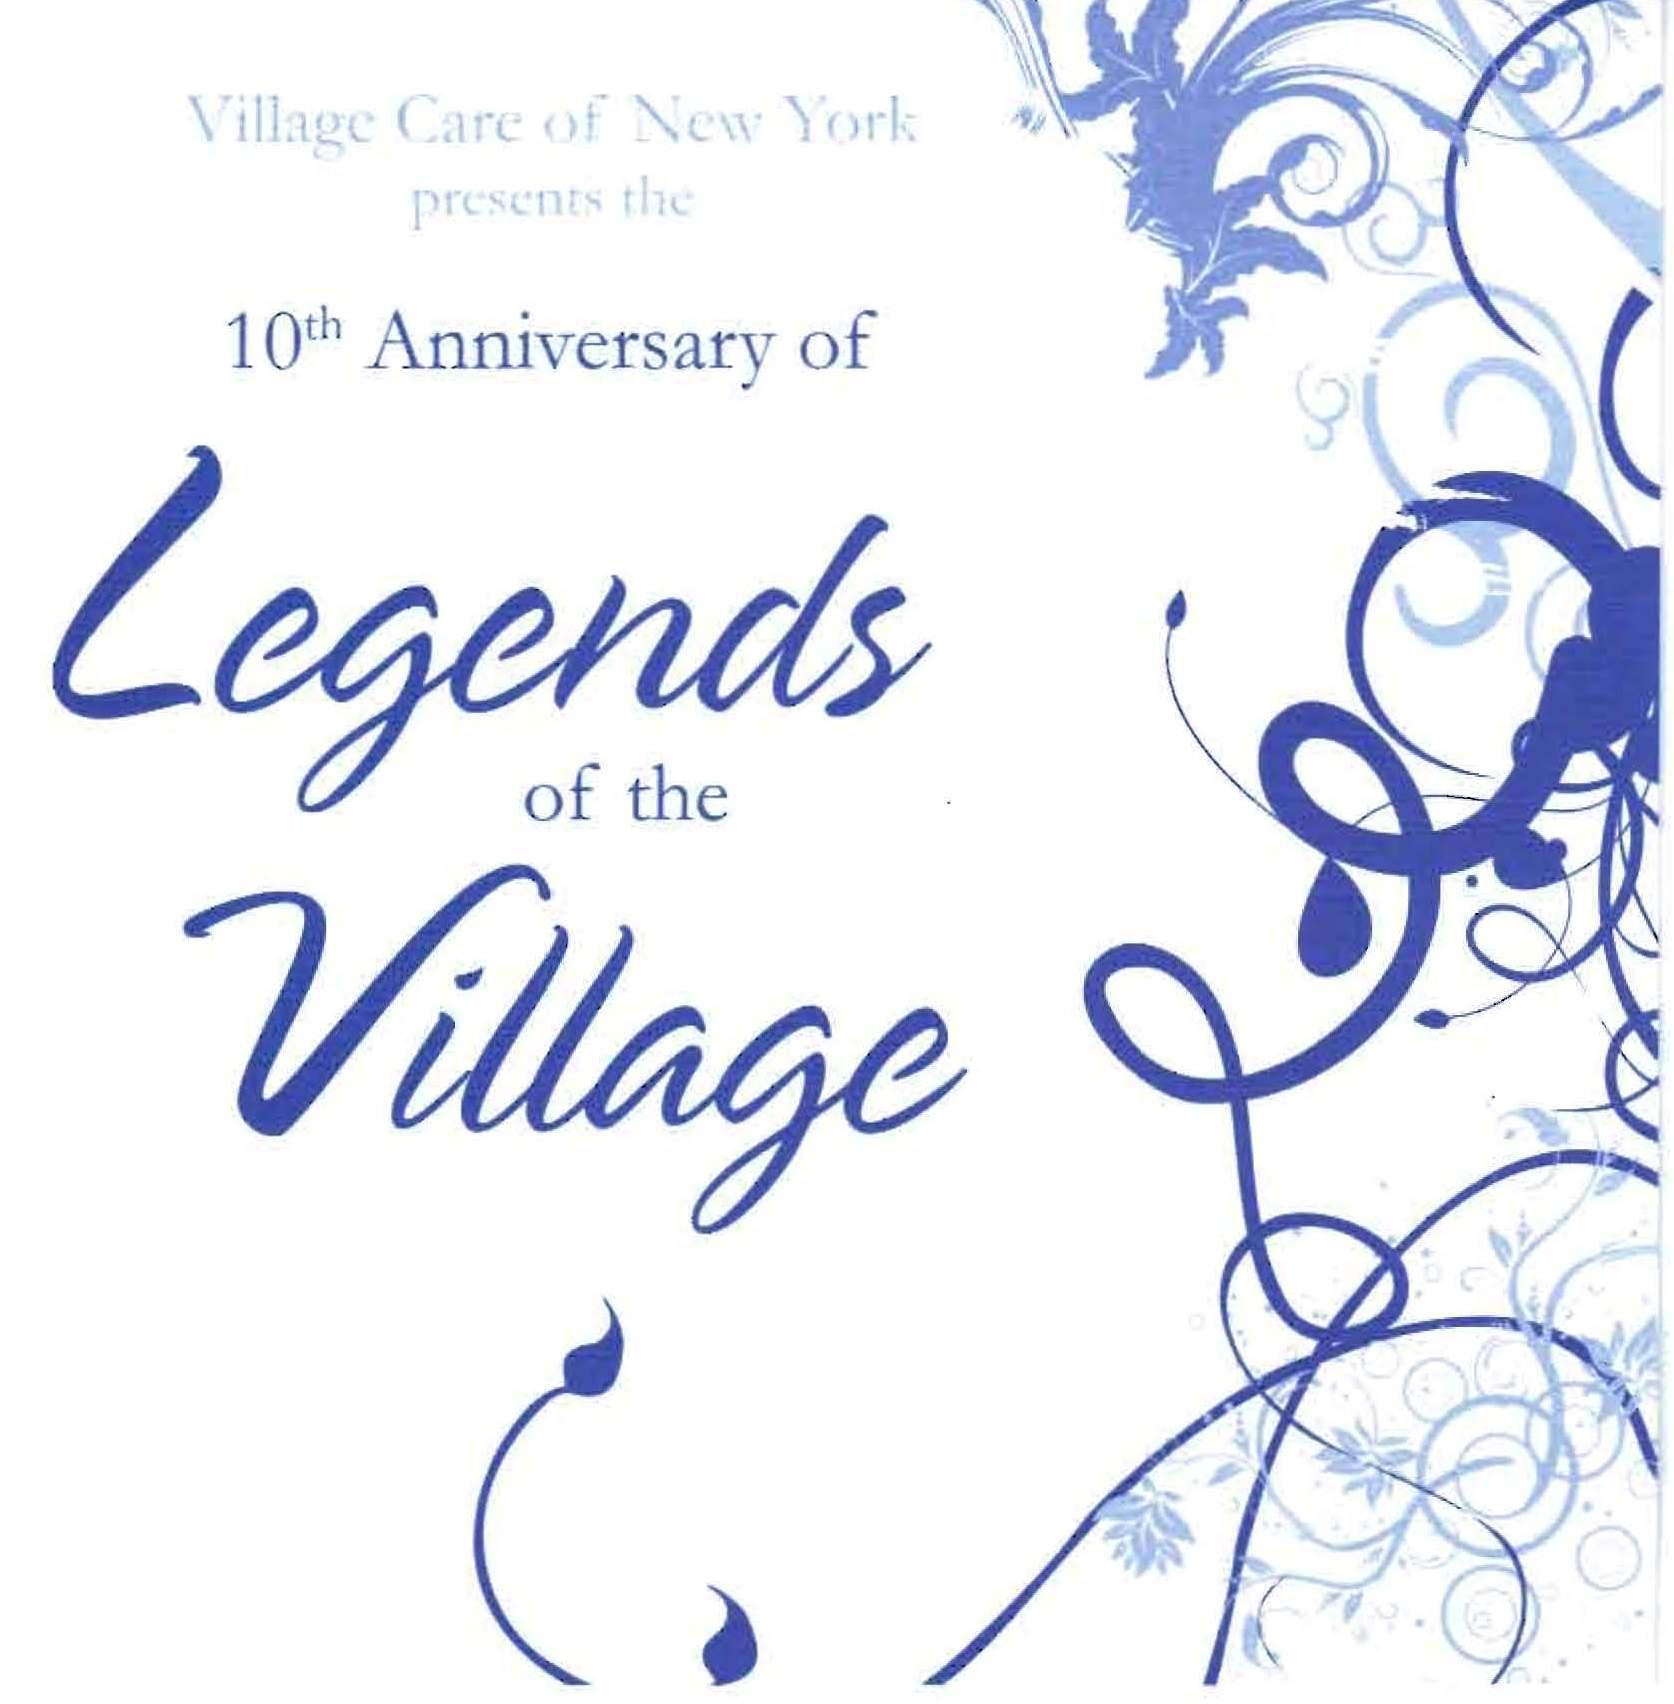 villagelegends2008_Page_1.jpg